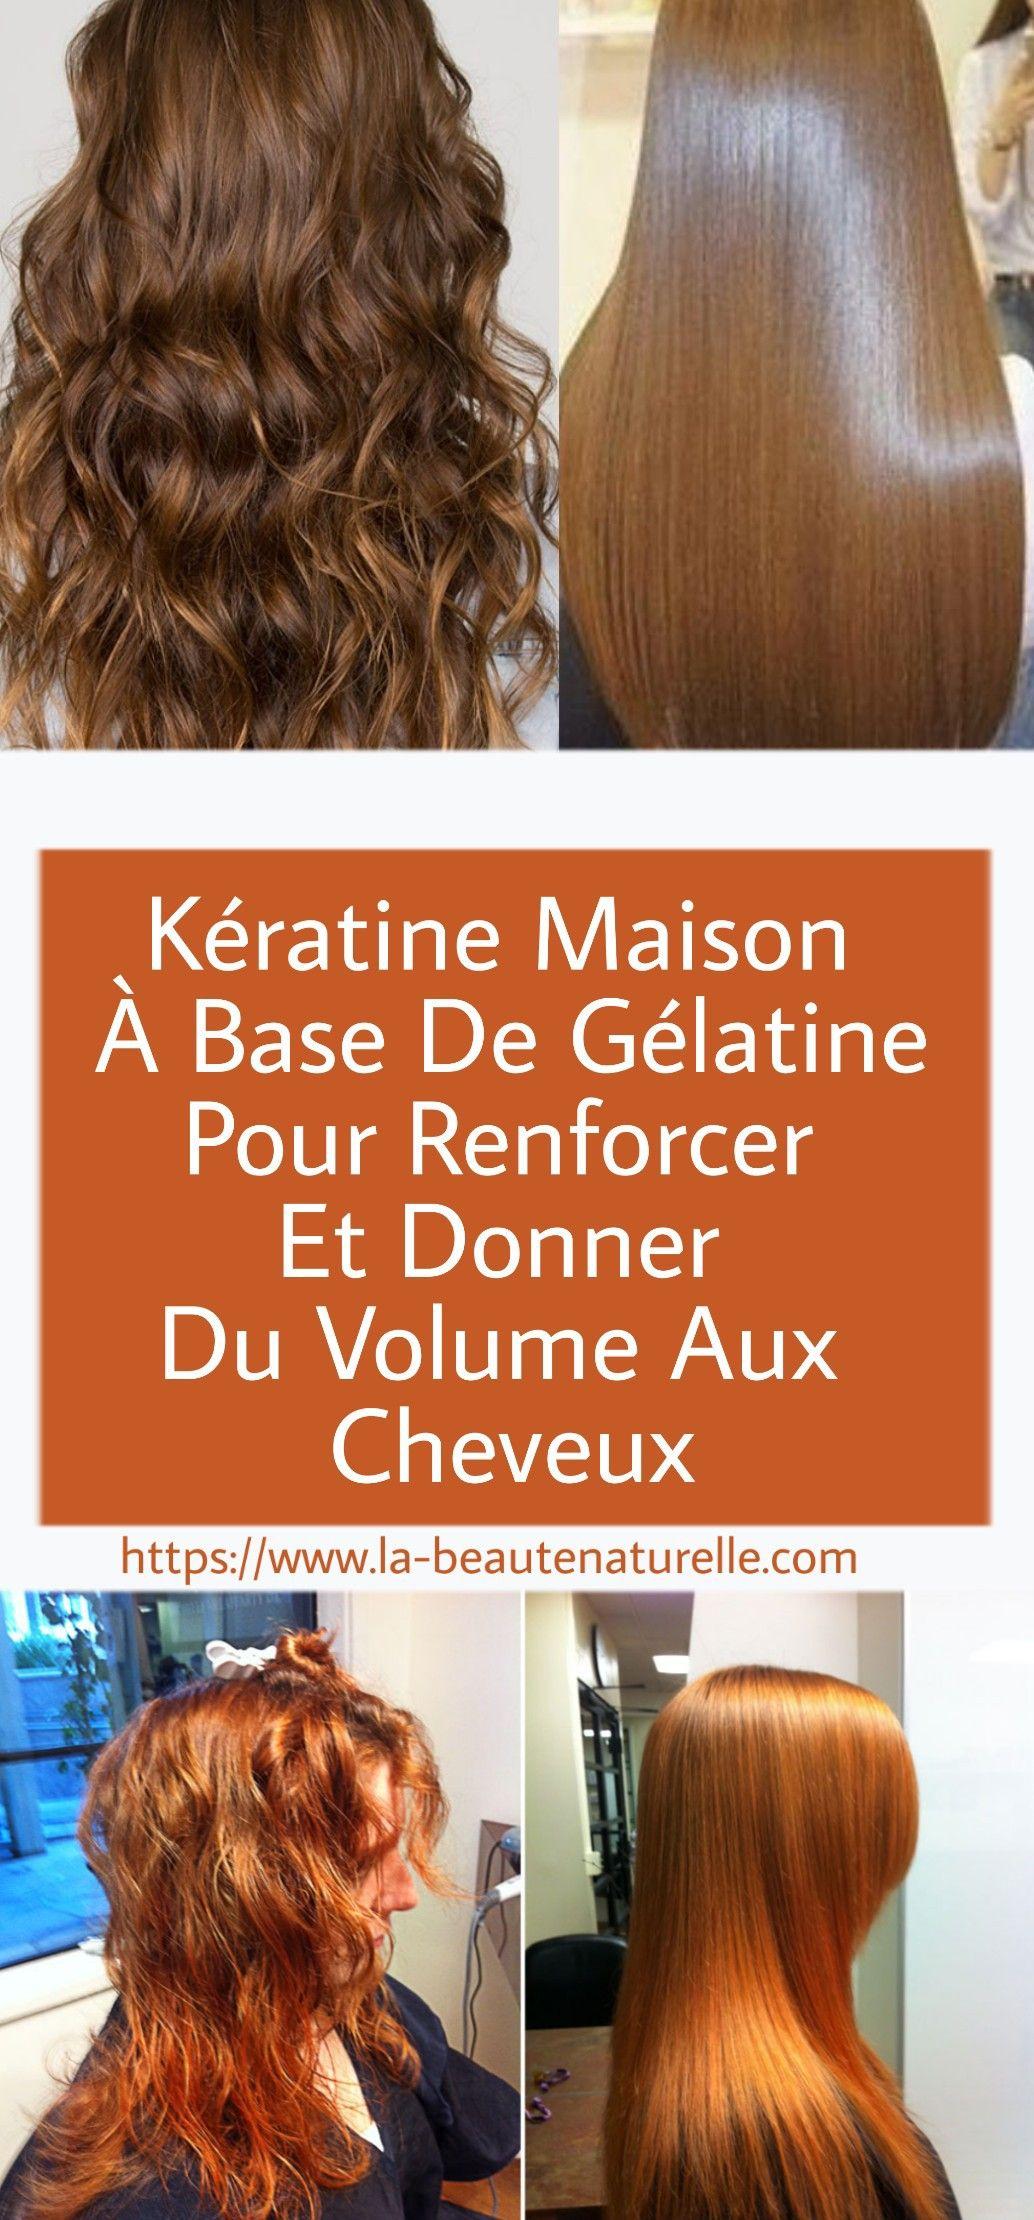 kératine maison à base de gélatine pour renforcer et donner du volume aux cheveux en 2019 ...